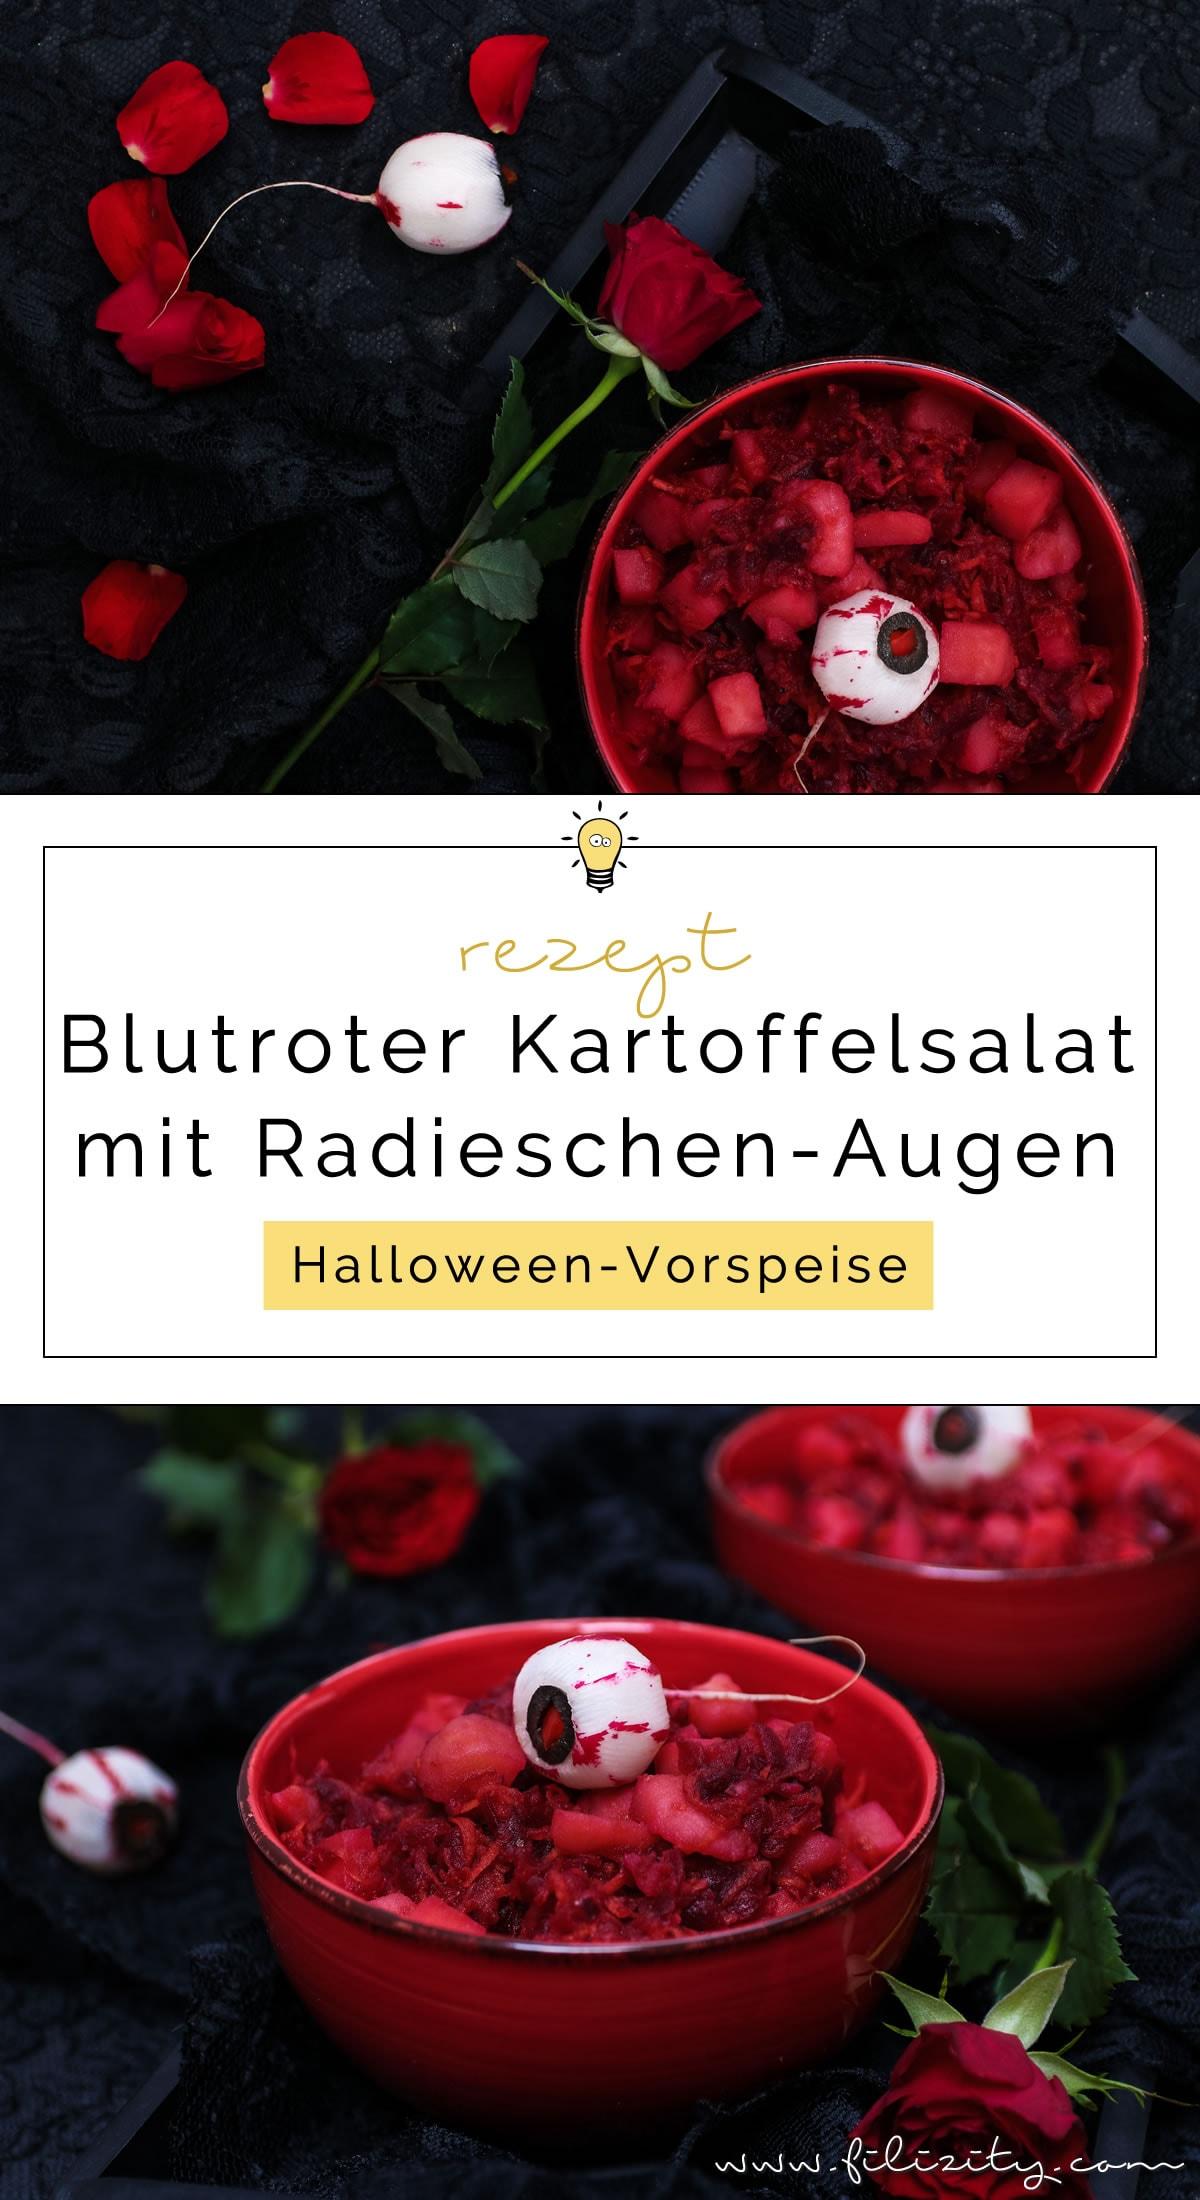 Halloween Rezept: Blutroter Kartoffelsalat mit Radieschen-Augäpfeln als Vorspeise | Filizity.com | Food-Blog aus dem Rheinland #halloween #booh #salat